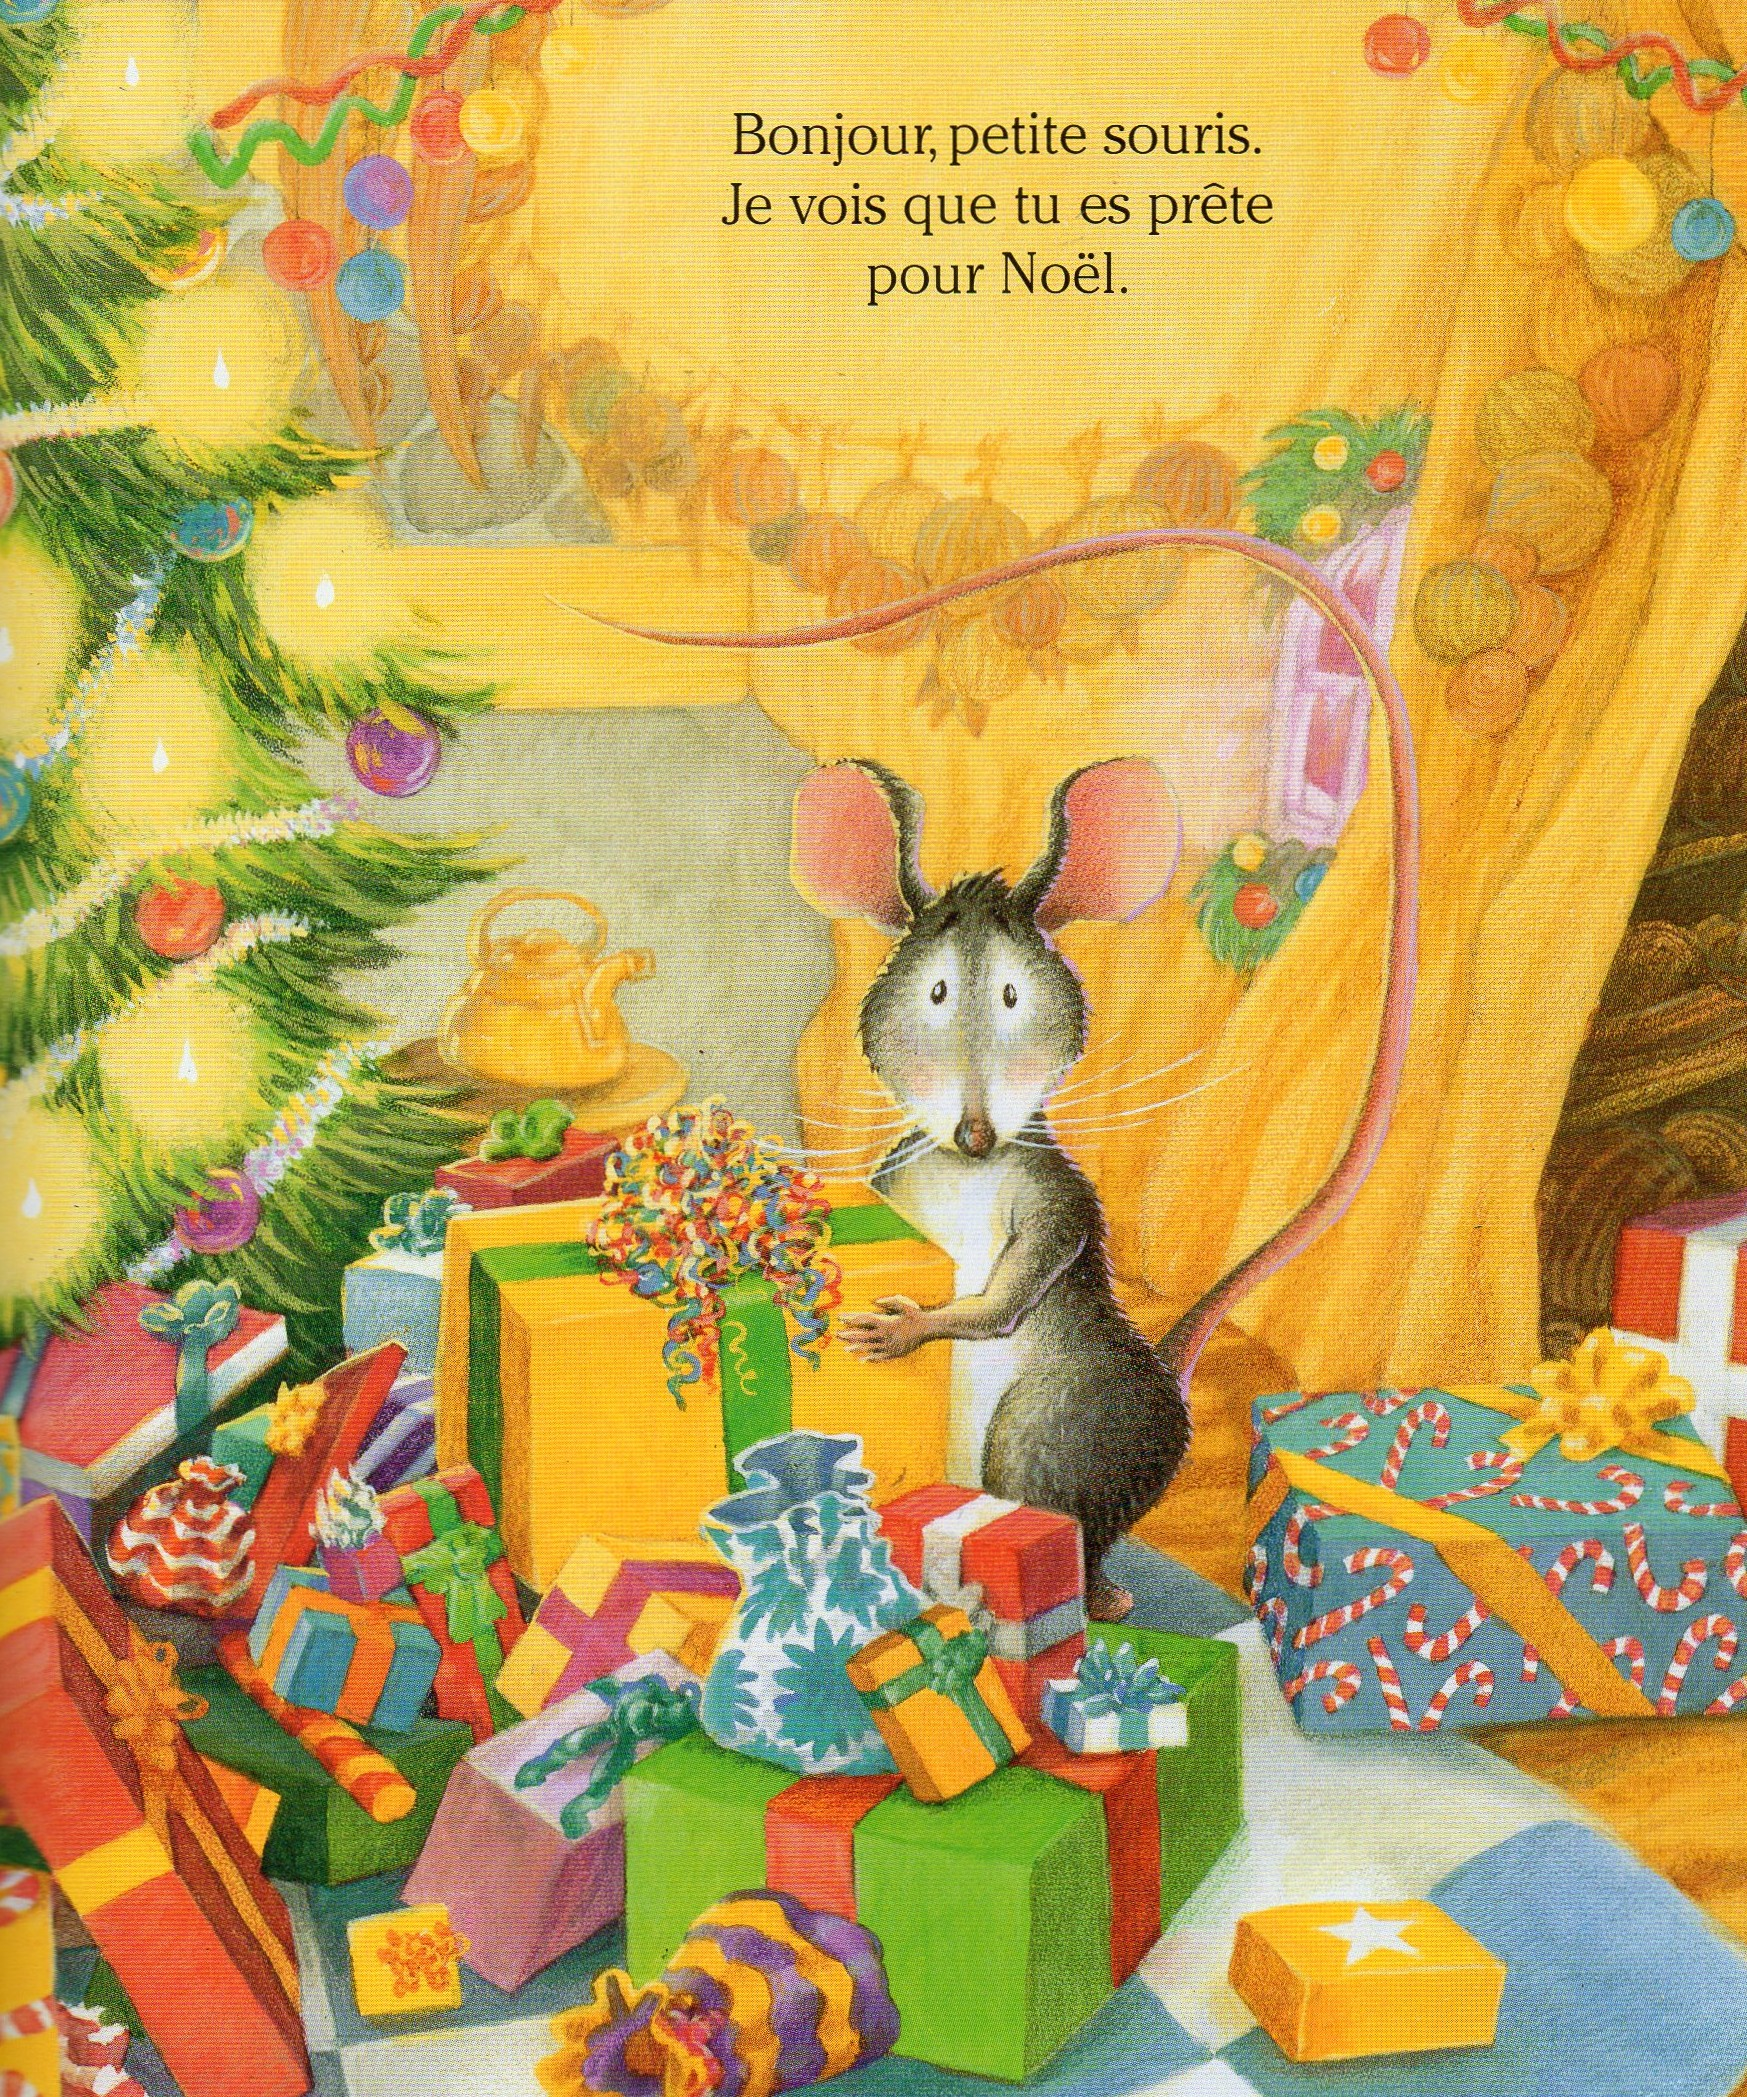 Joyeux Noel Histoire Des Arts.Joyeux Noel Petite Souris The Lectures Et Macarons